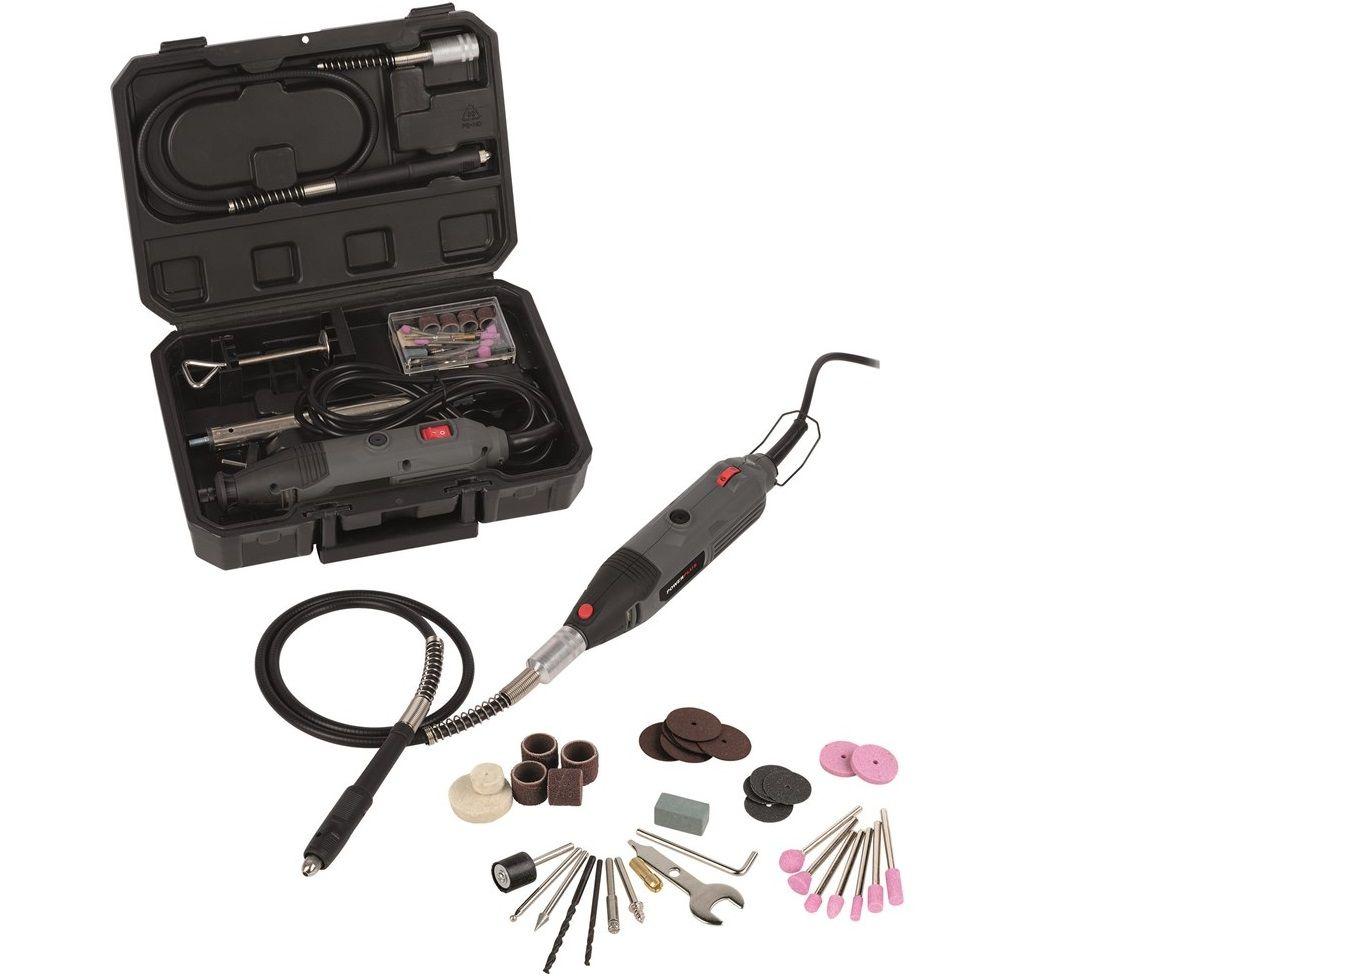 Přímá bruska s příslušenstvím PowerPlus POWE80060 - 135W, 8.000-32.500, 40ks brusných nástavců, v kufru PowerPlus (VARO)